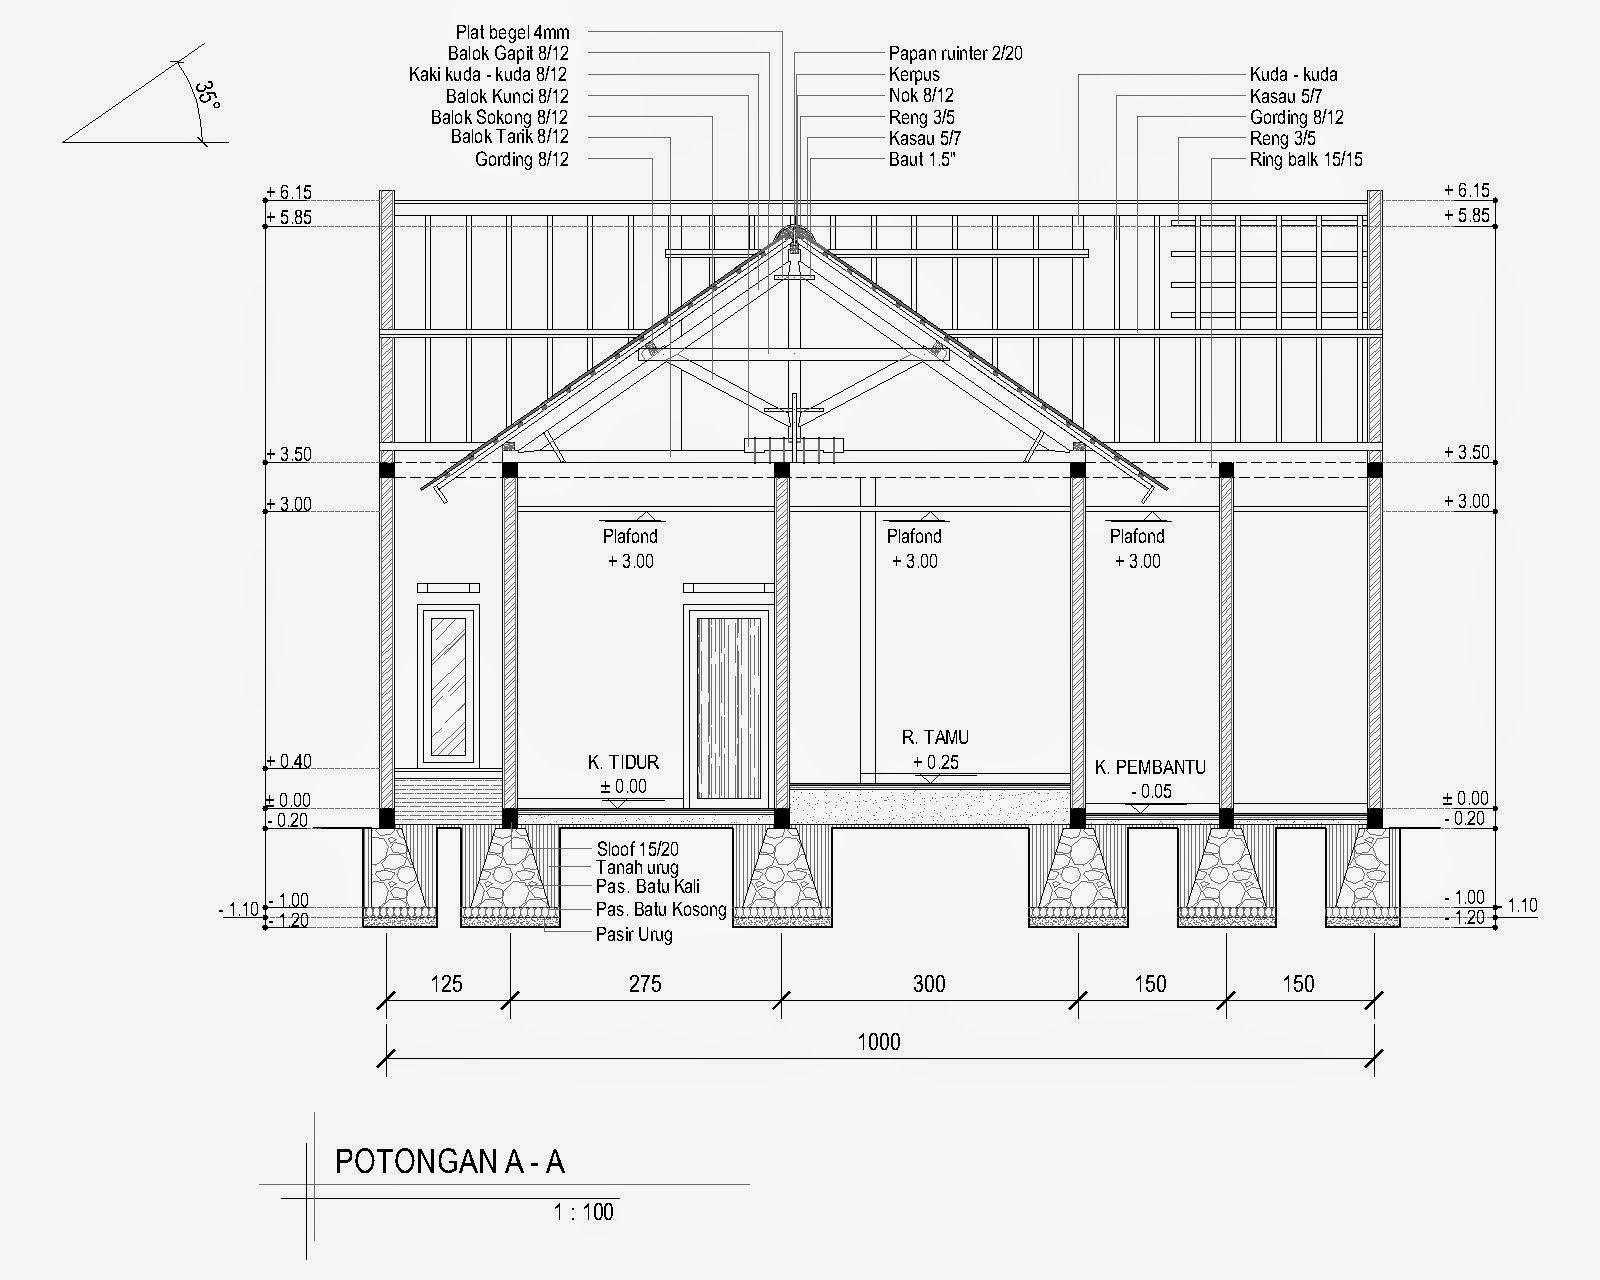 Contoh Gambar Potongan Rumah Minimalis Menggunakan Autocad Griya Bagus Informasi Dan Tips Mengenai Rumah Minimalis Konsep Arsitektur Rumah Minimalis Rumah